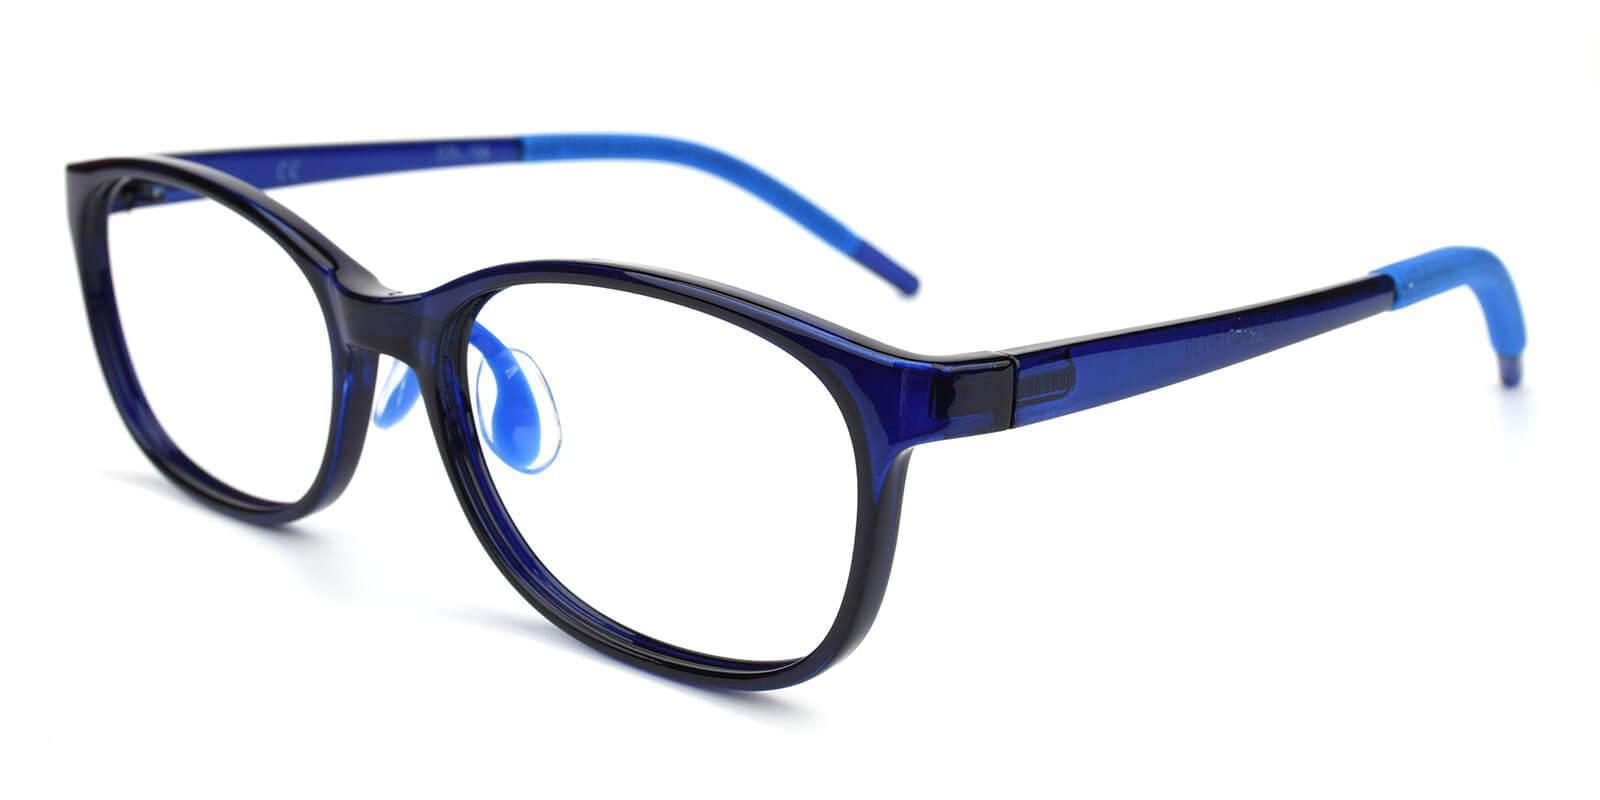 Ebner-Blue-Rectangle-TR-Eyeglasses-additional1